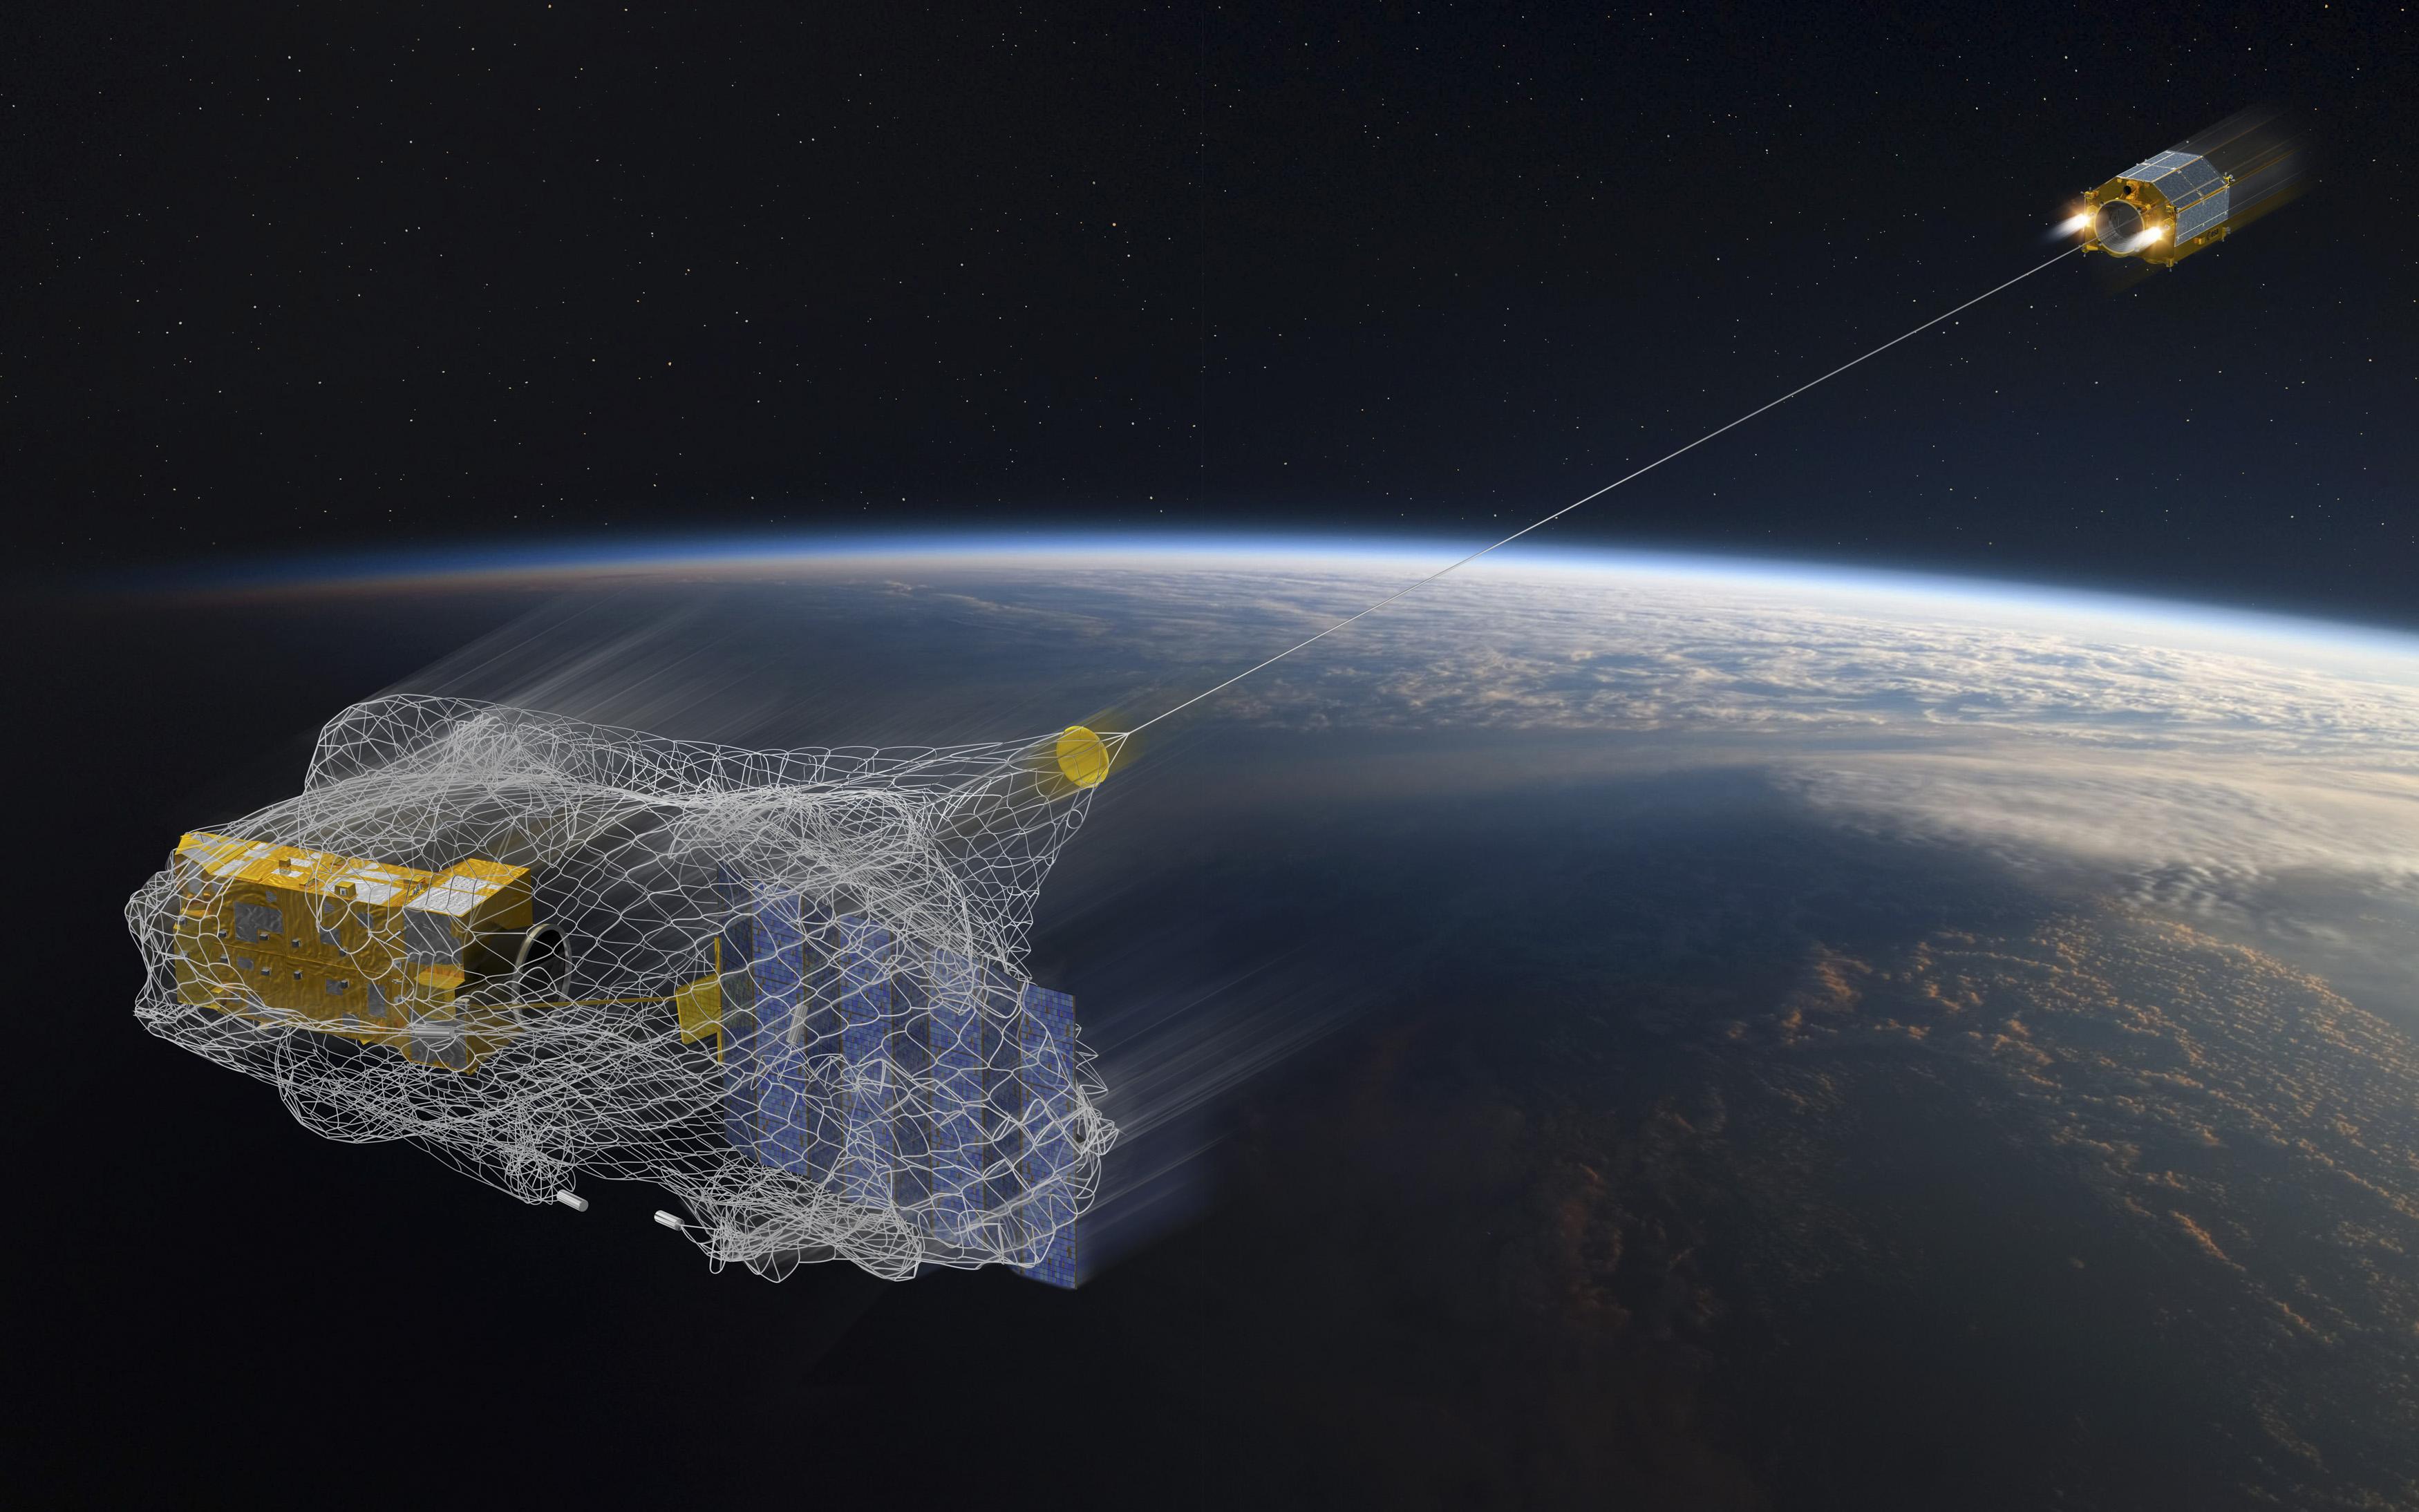 nasa orbital debris - HD3500×2188